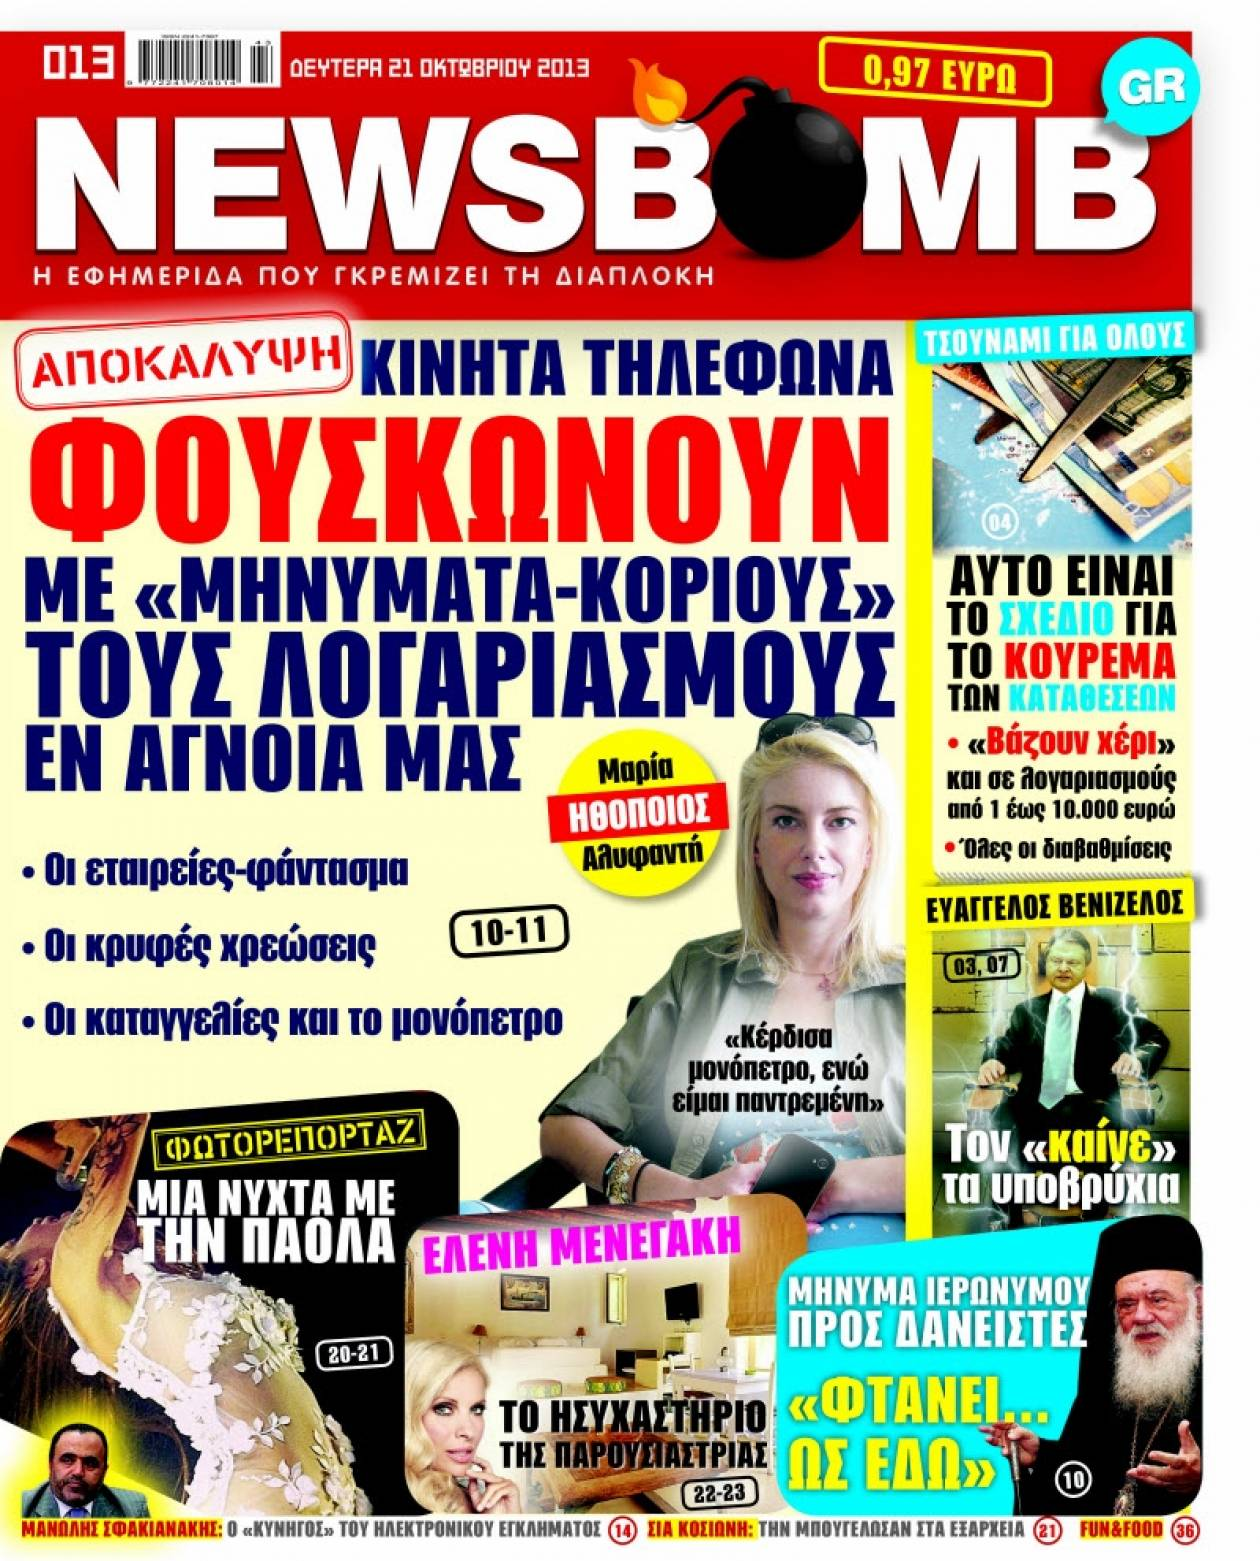 Δείτε το σημερινό πρωτοσέλιδο της εφημερίδας NEWSBOMB (21/10)